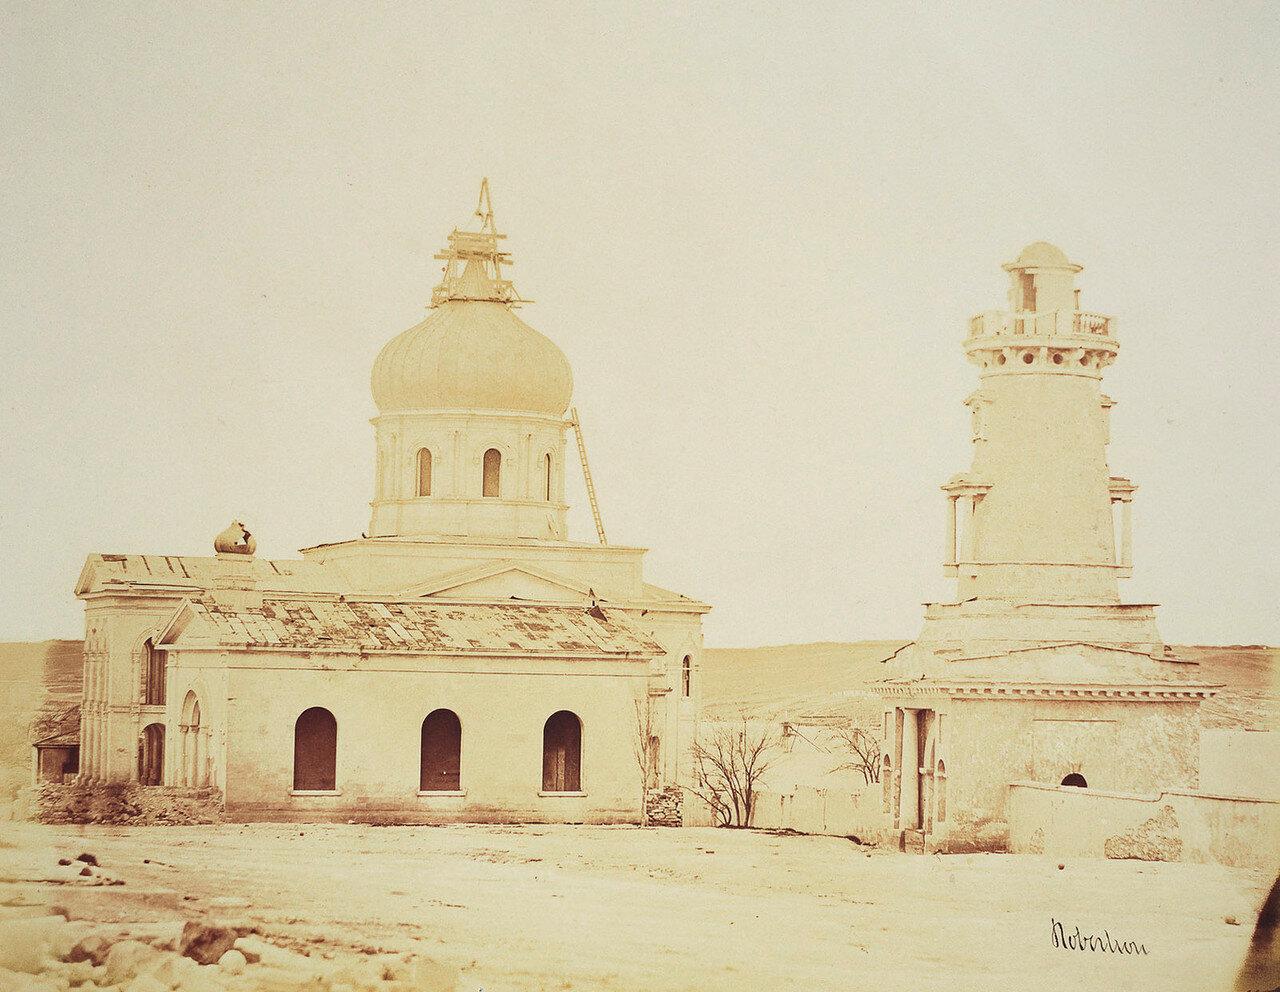 Севастополь. Церковь и часовая башня